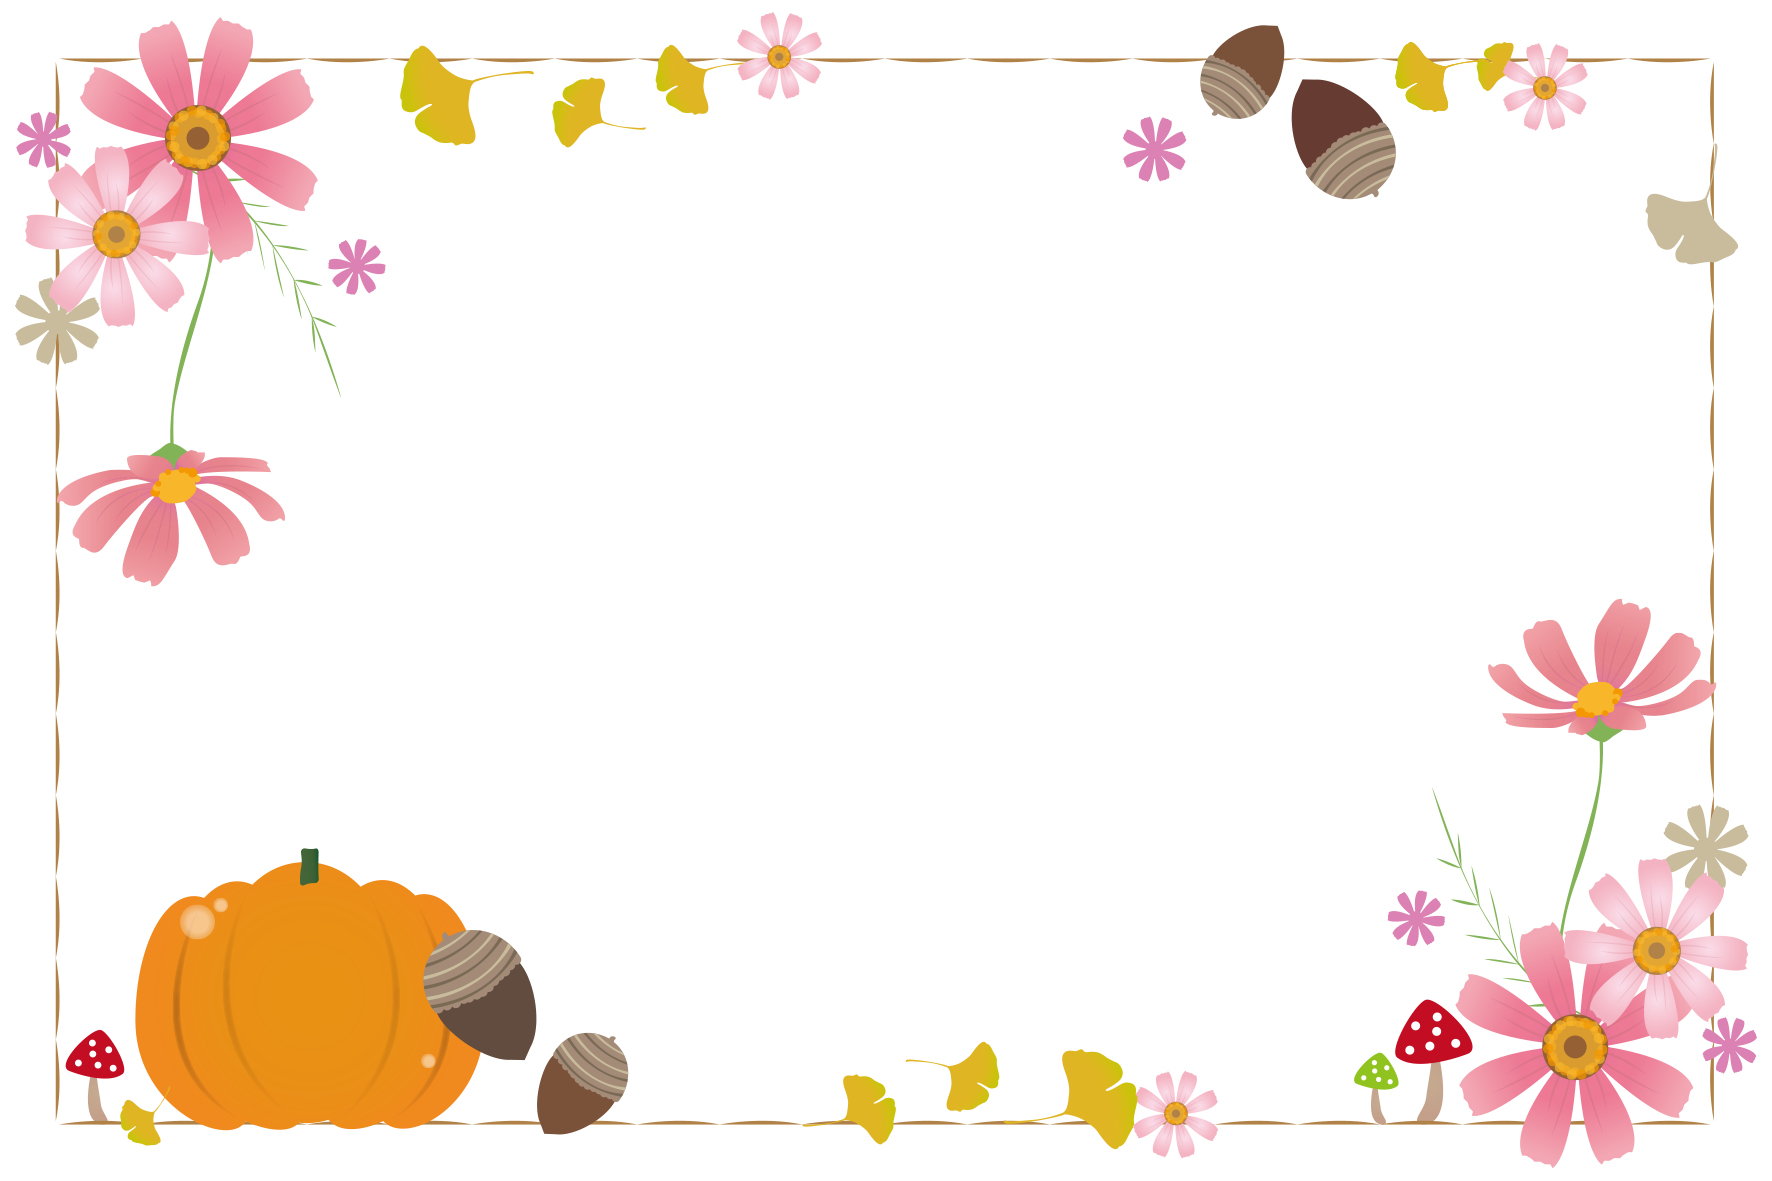 秋のイラスト一覧 無料イラスト愛